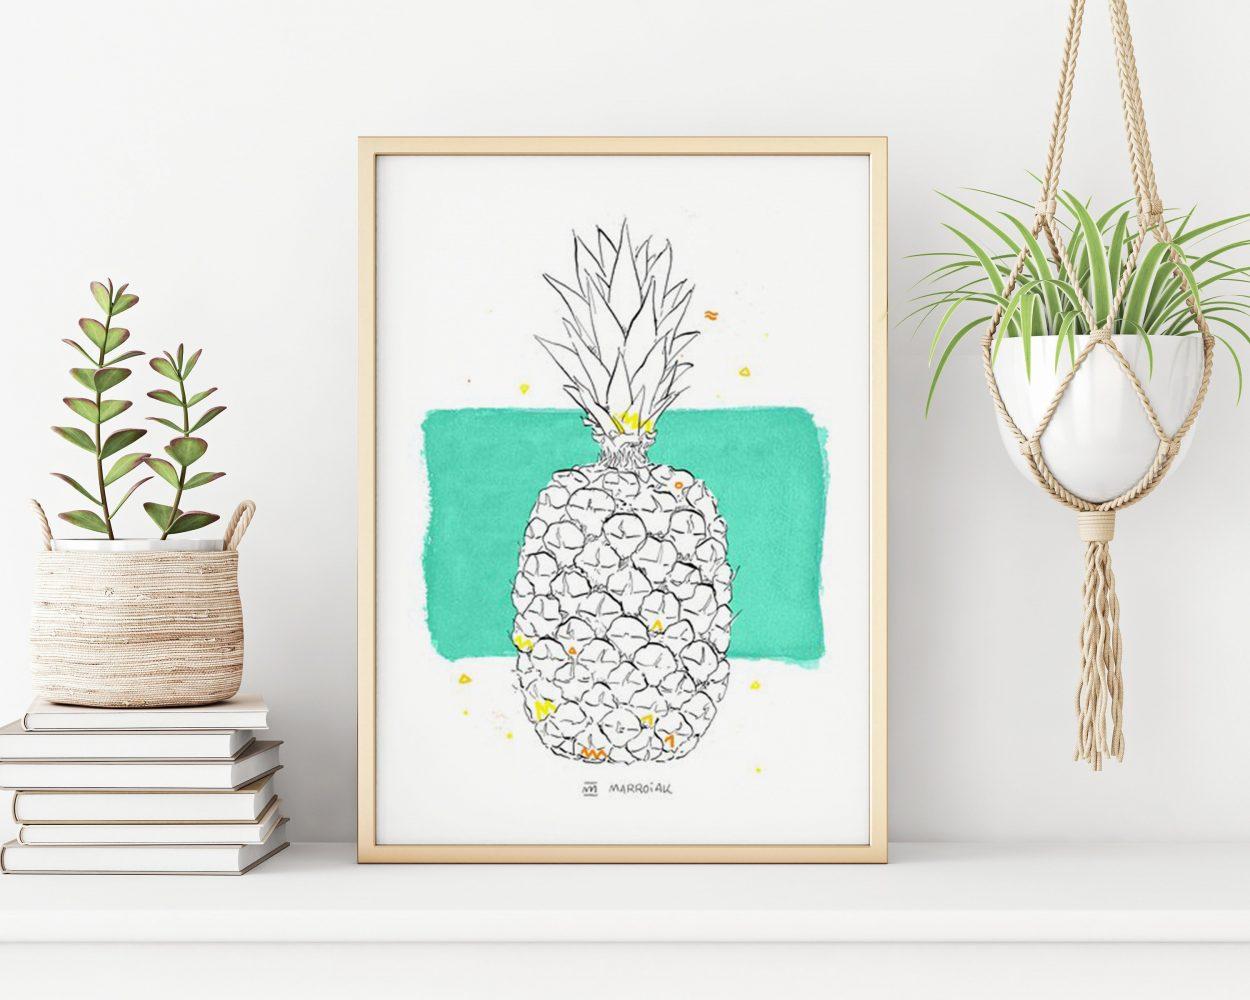 Lámina con un dibujo de una piña. Ilustraciones de frutas de verano. Acuarela y tinta.